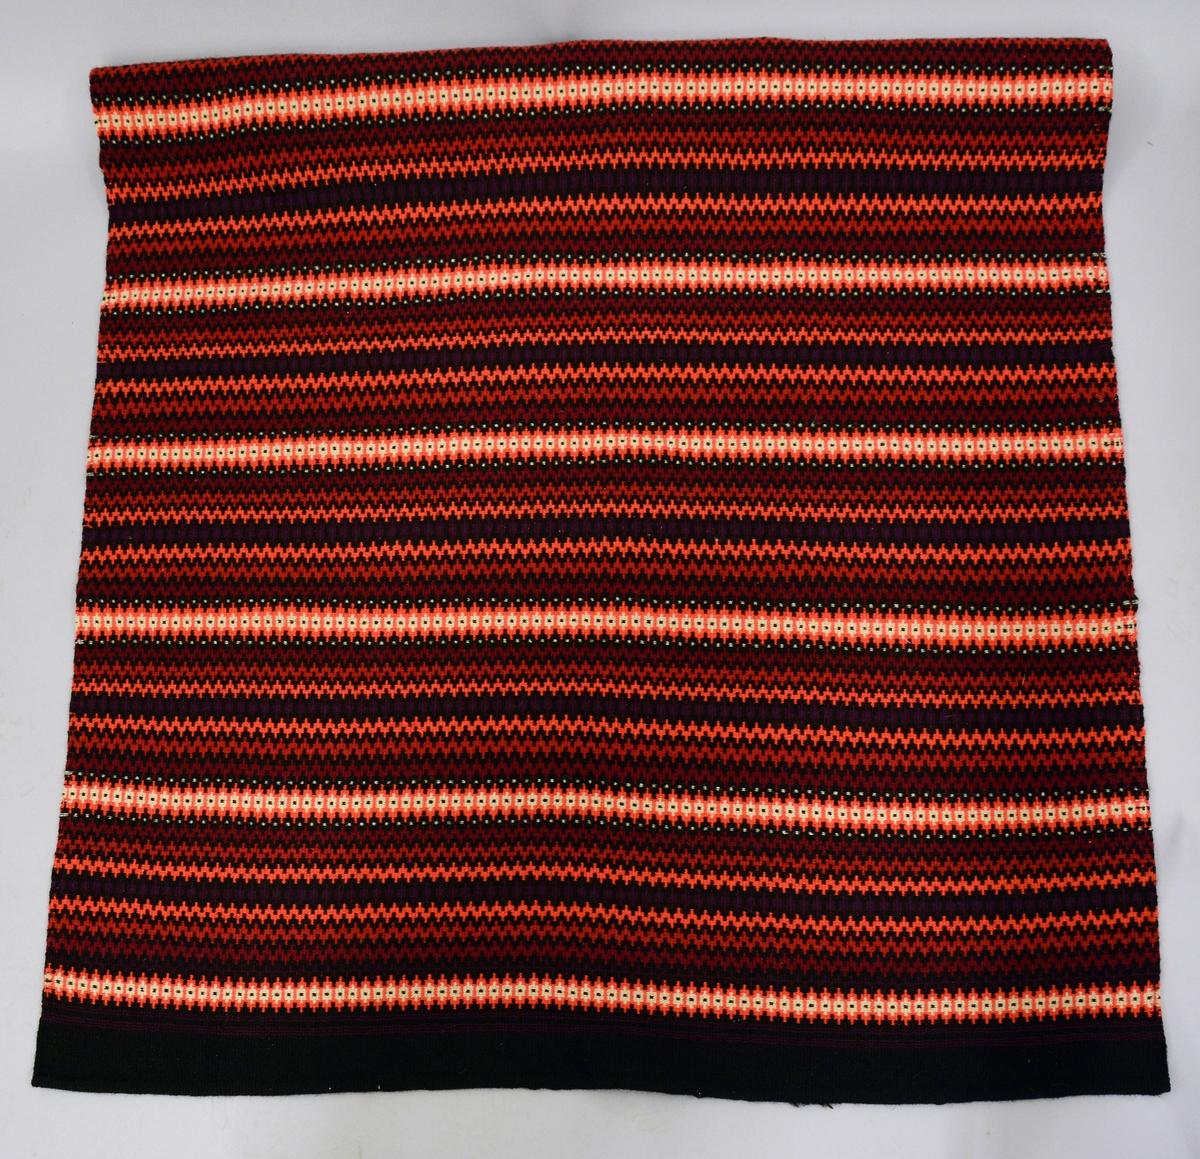 Fra protokoll: Åkle i krokbragd, i 7 like mønsterrapporter à ca. 20 cm. 2 tråds Rauma spelsaugarn. Sort (636), rosa (657), rødt (644), beige (692), to fiolette farger, den ene noe mørkere enn 675 og den andre noe mørkere enn 637. Mål: 168 cm X 128 cm.